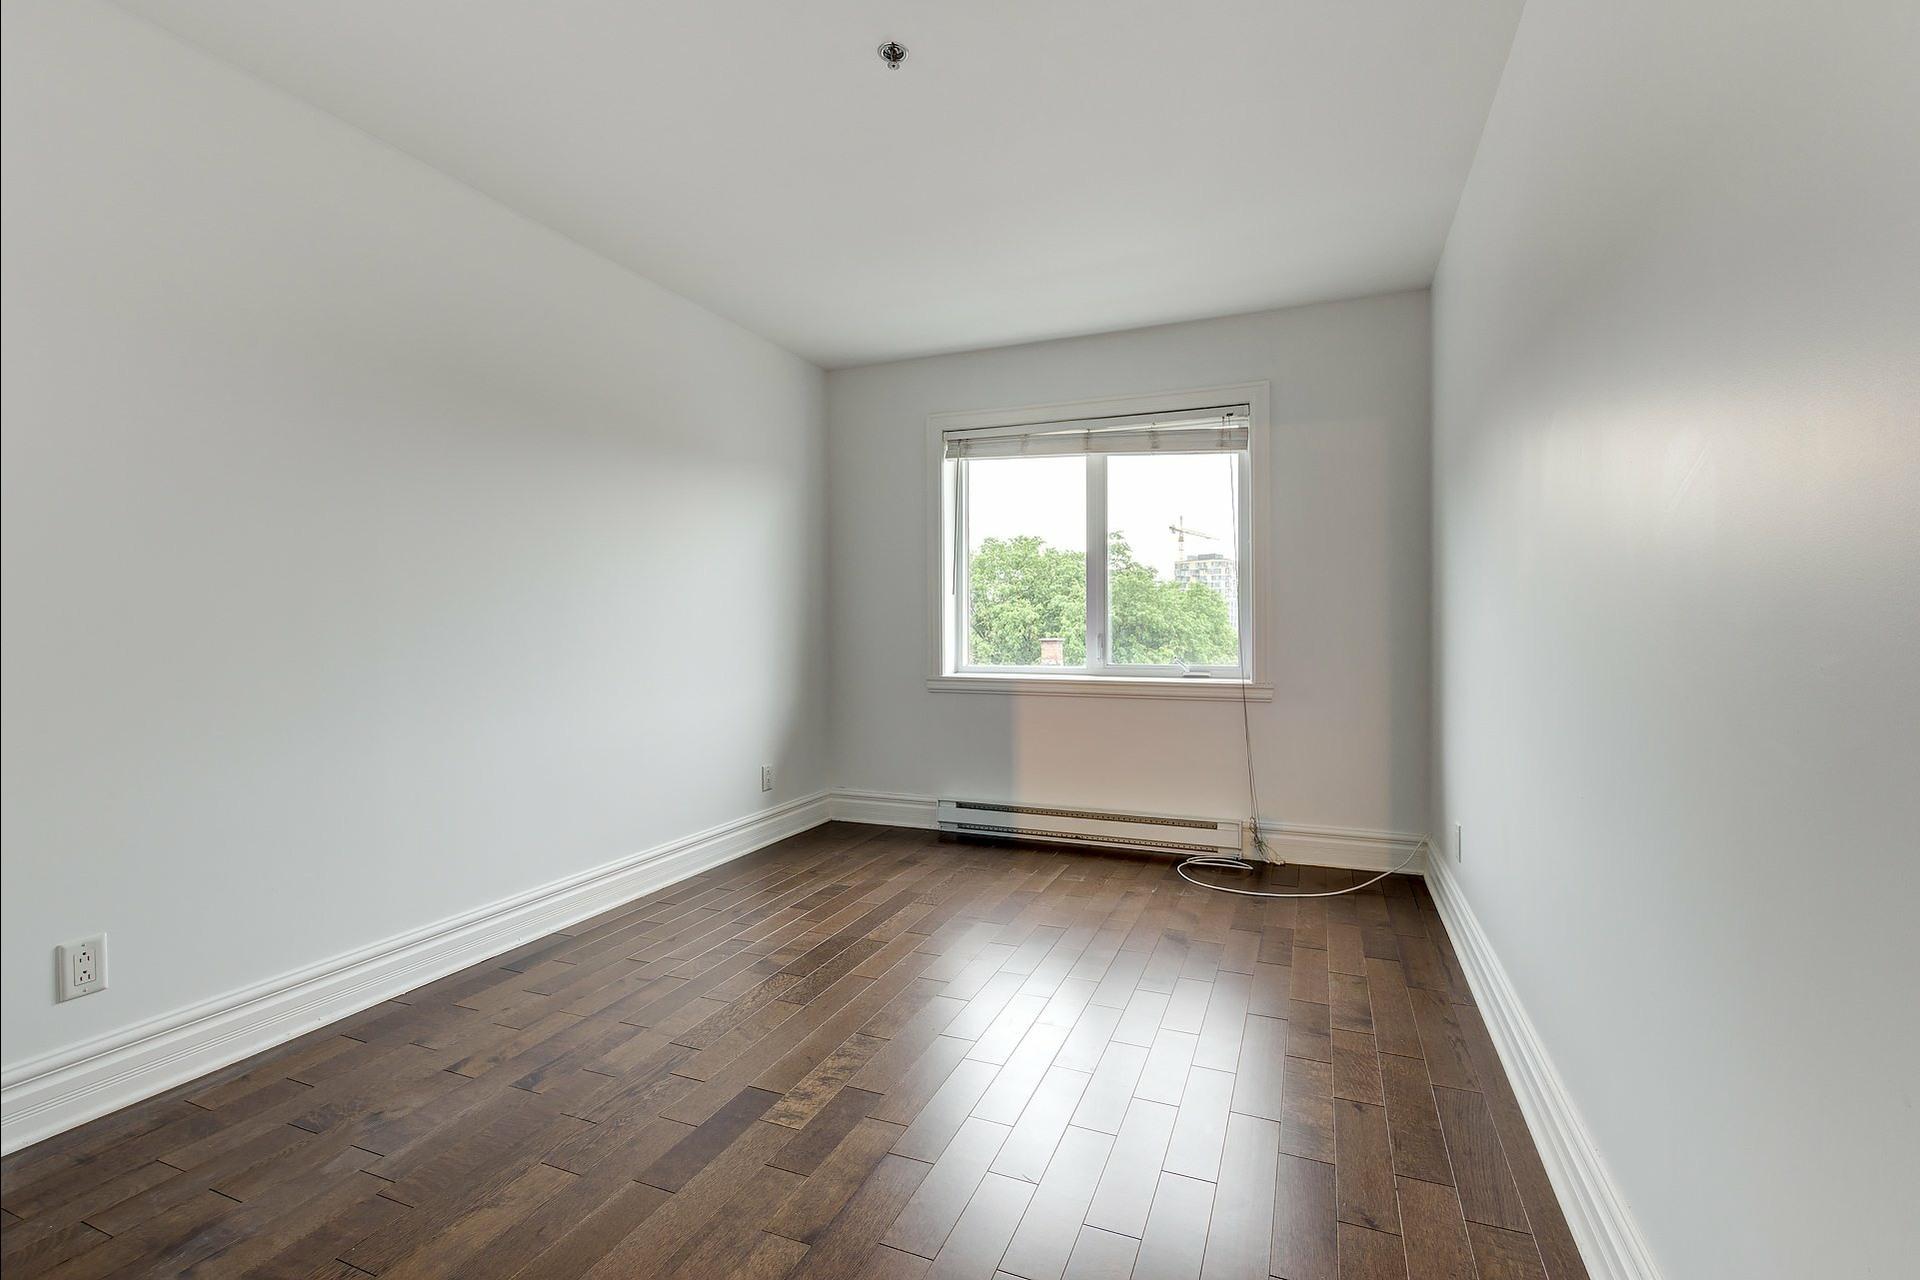 image 15 - Appartement À vendre Montréal Ville-Marie  - 4 pièces